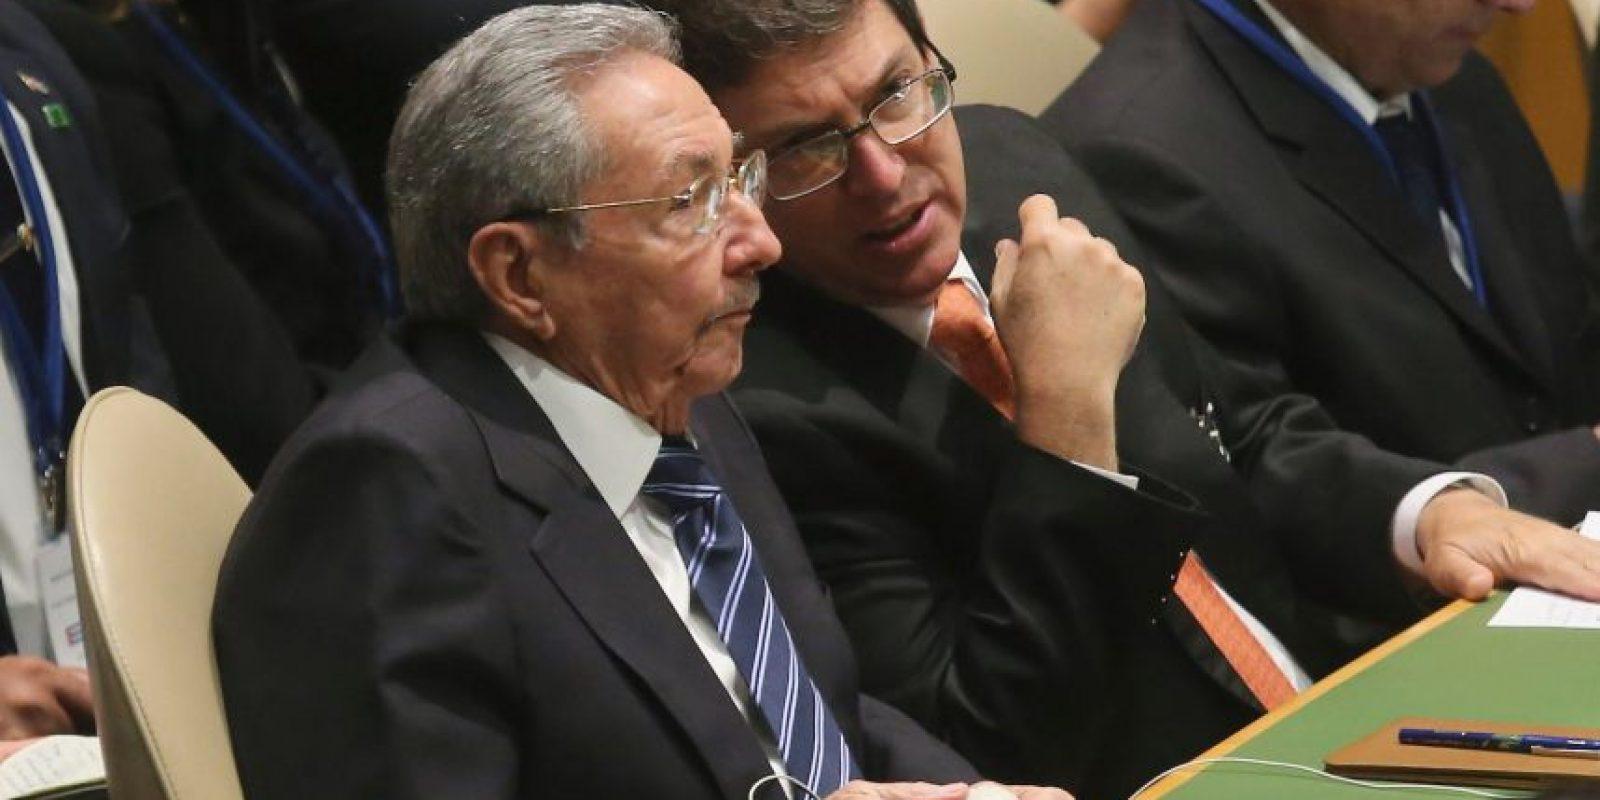 El daño económico de todos estos años de bloqueo a Cuba se calcula en más de 116 mil millones de dólares, segúnel gobierno cubano. Foto:Getty Images